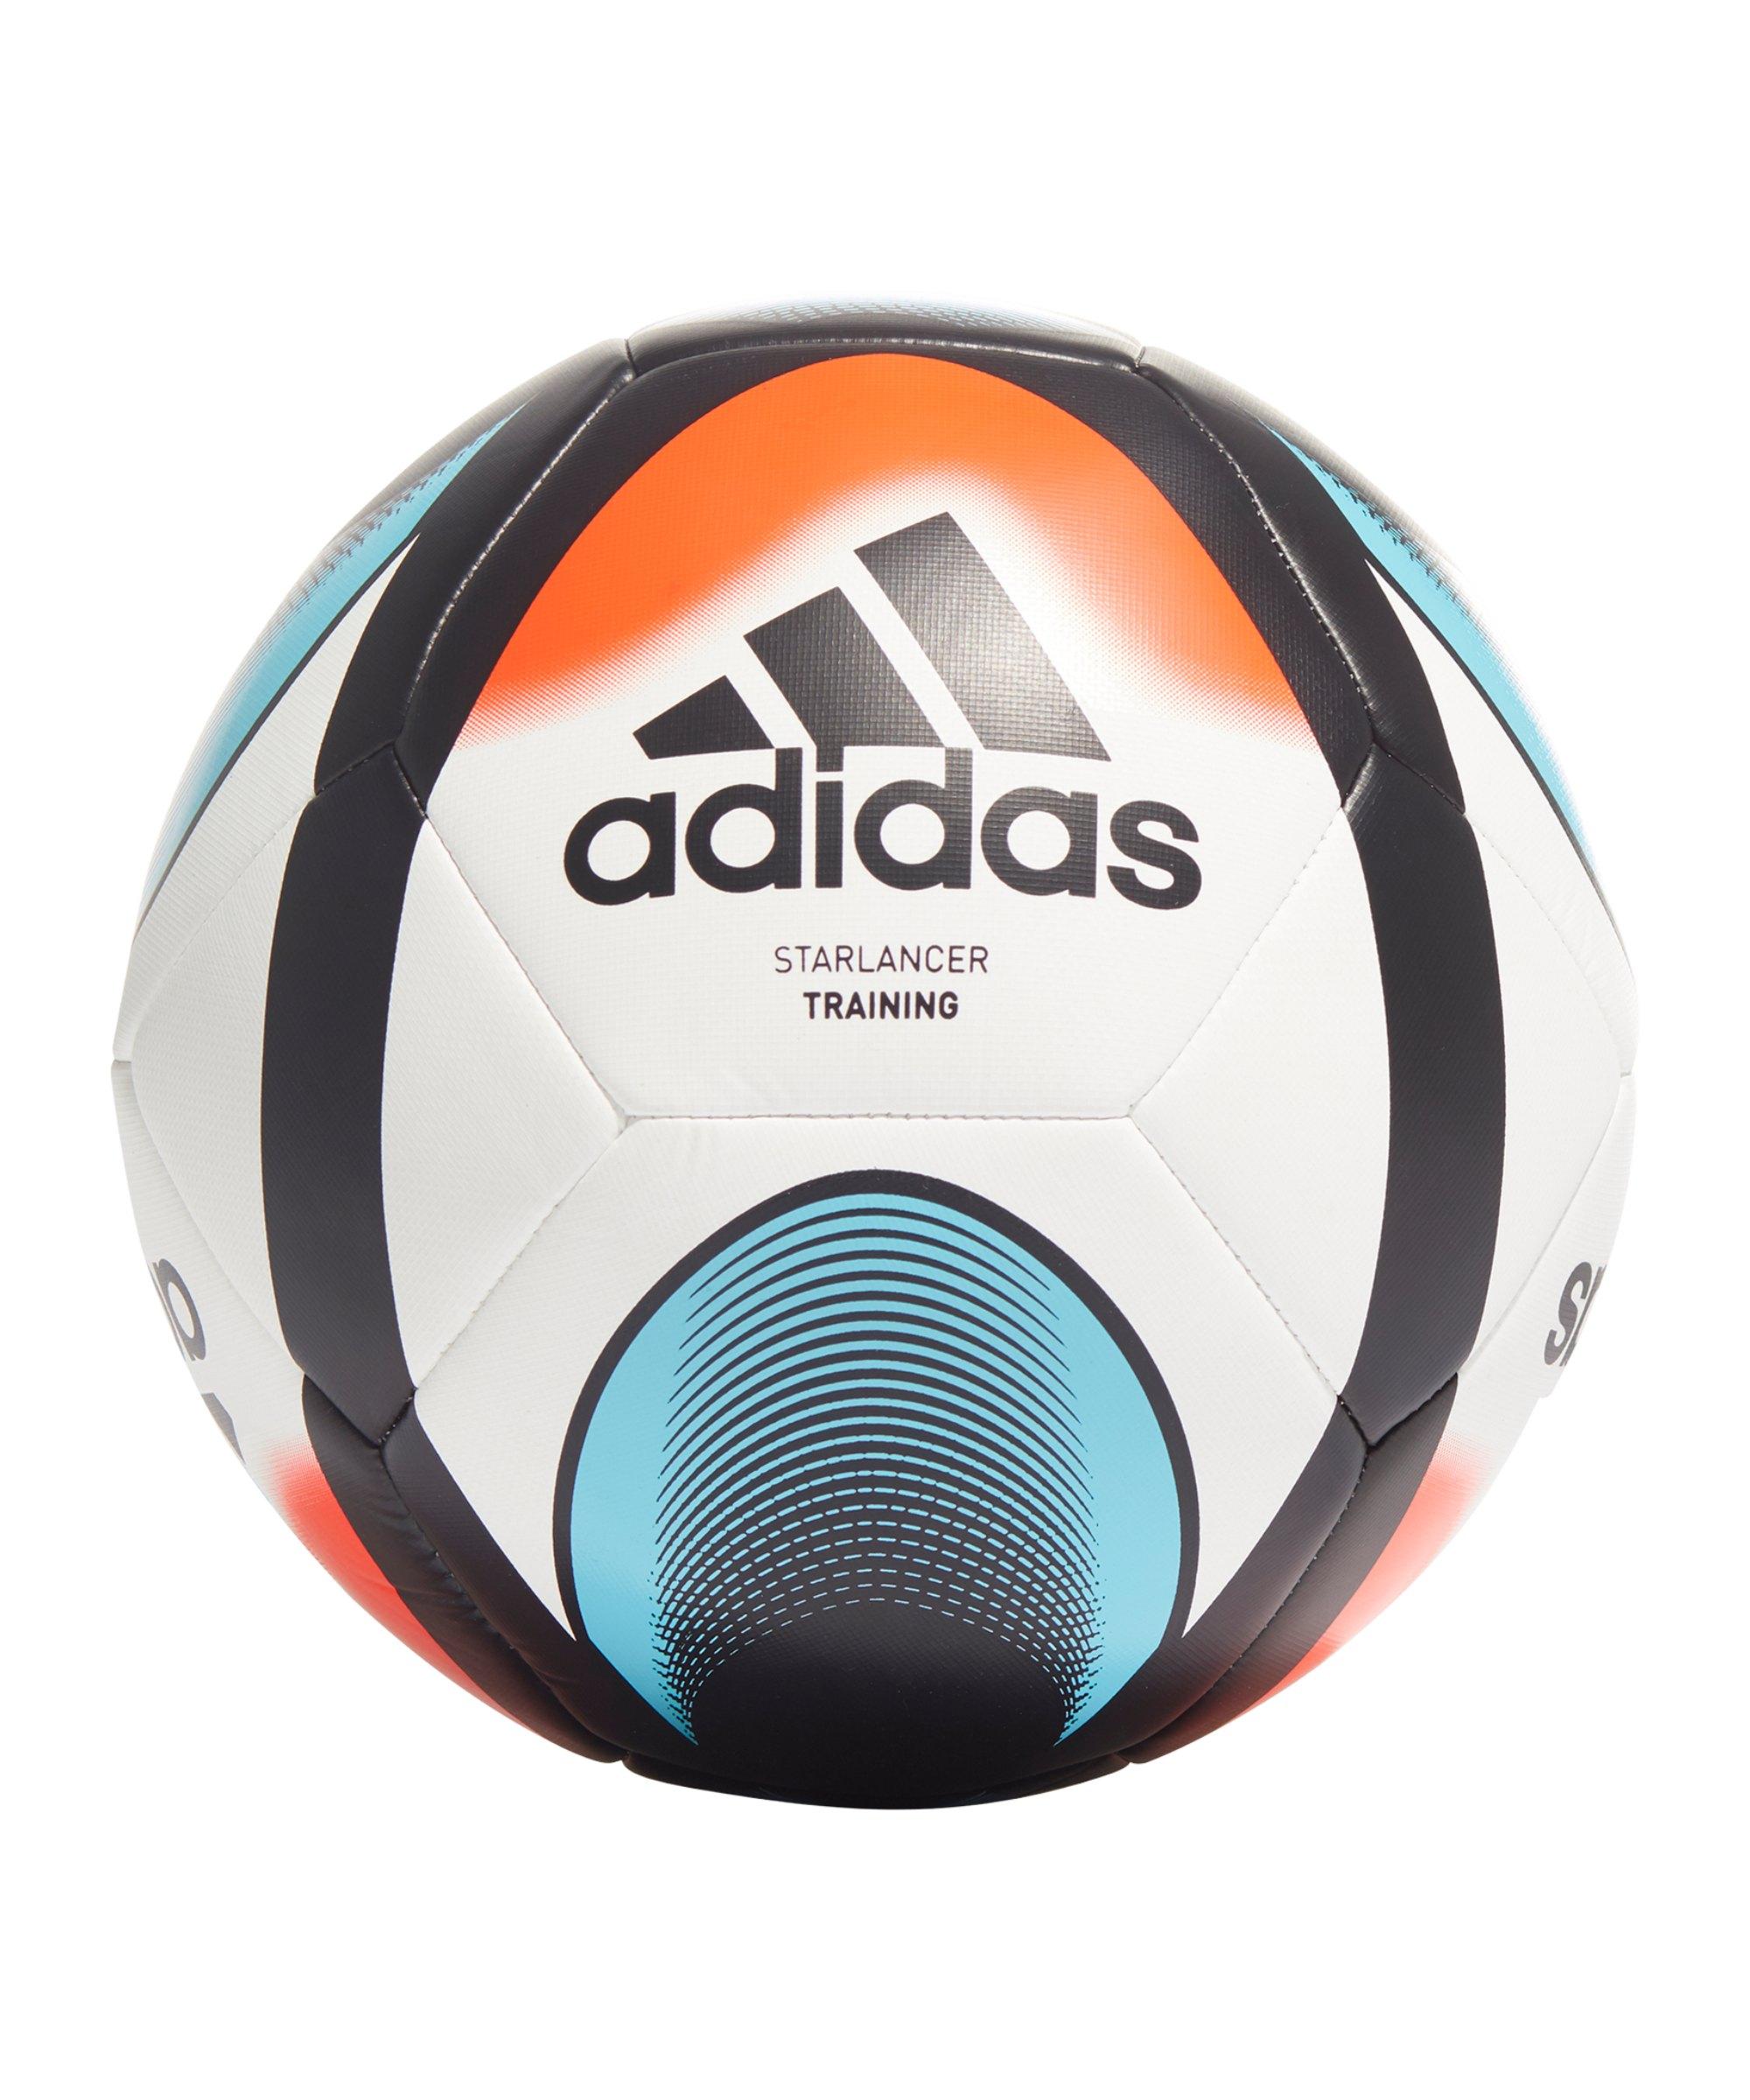 adidas Starlancer Training Fussball Weiss - weiss